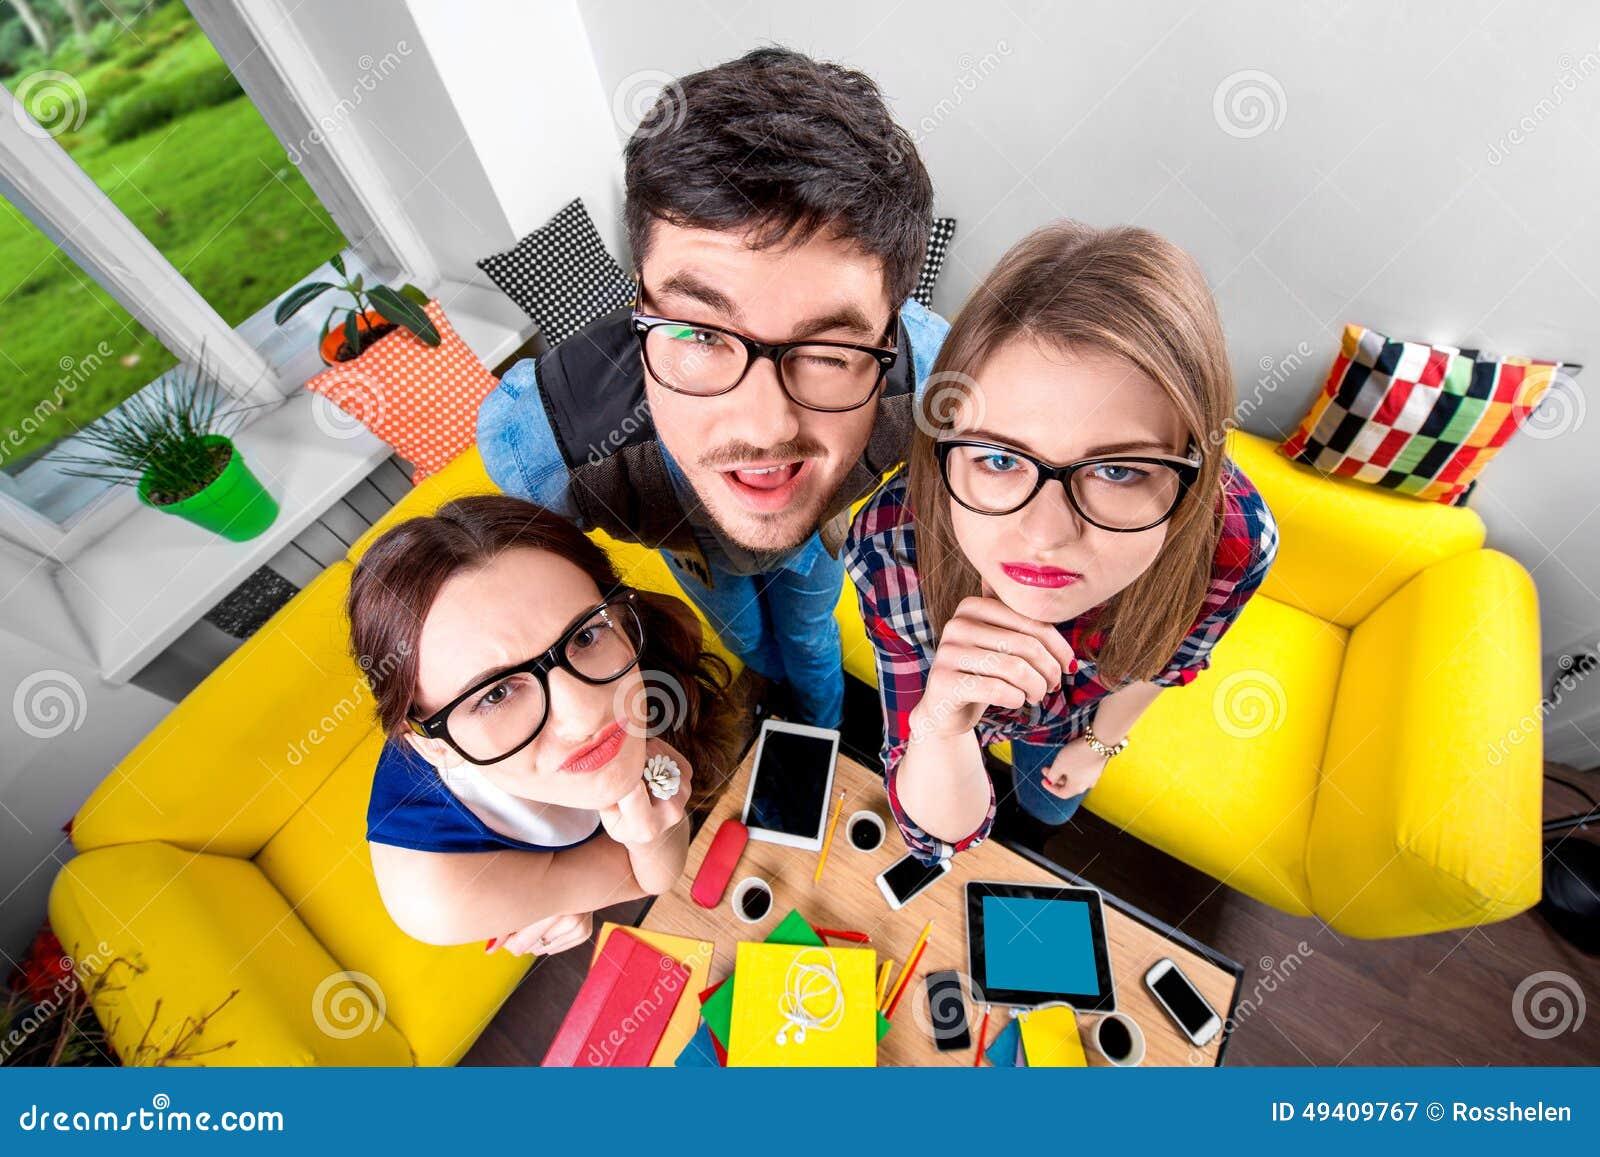 Download Drei Lustige Sonderlinge Zusammen Stockbild - Bild von bücher, hochschule: 49409767